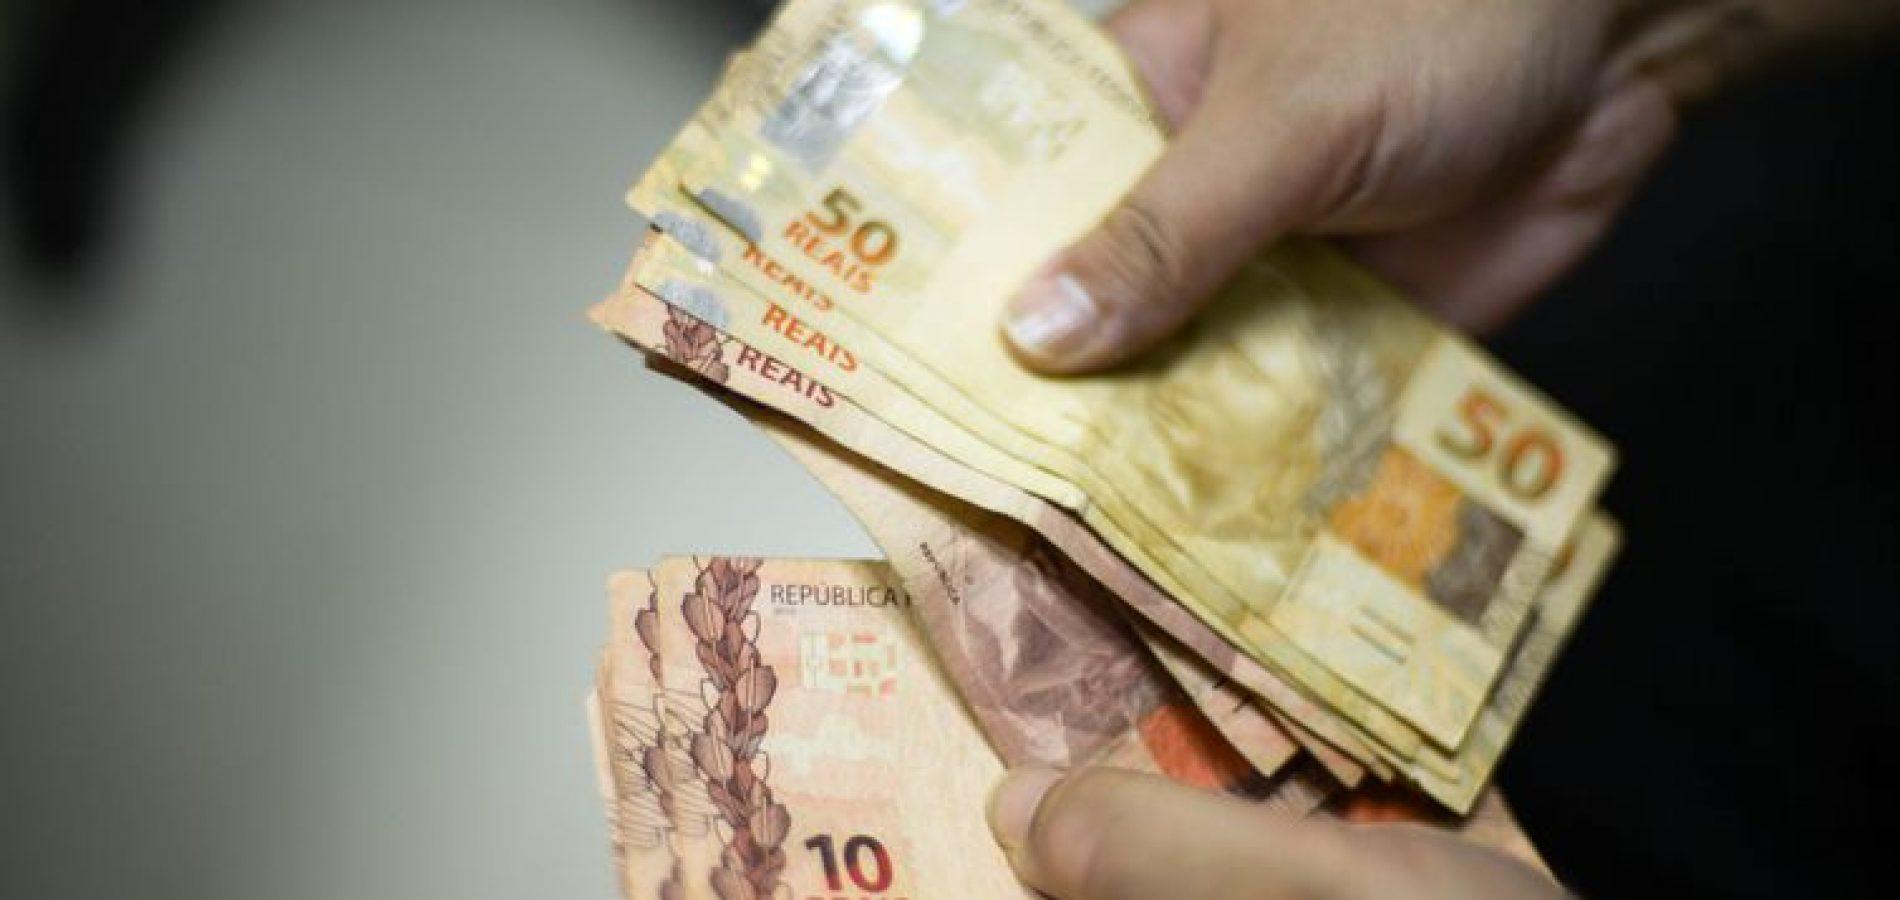 Renda dos trabalhadores piauienses tem a maior alta do país e chega a R$ 1.425